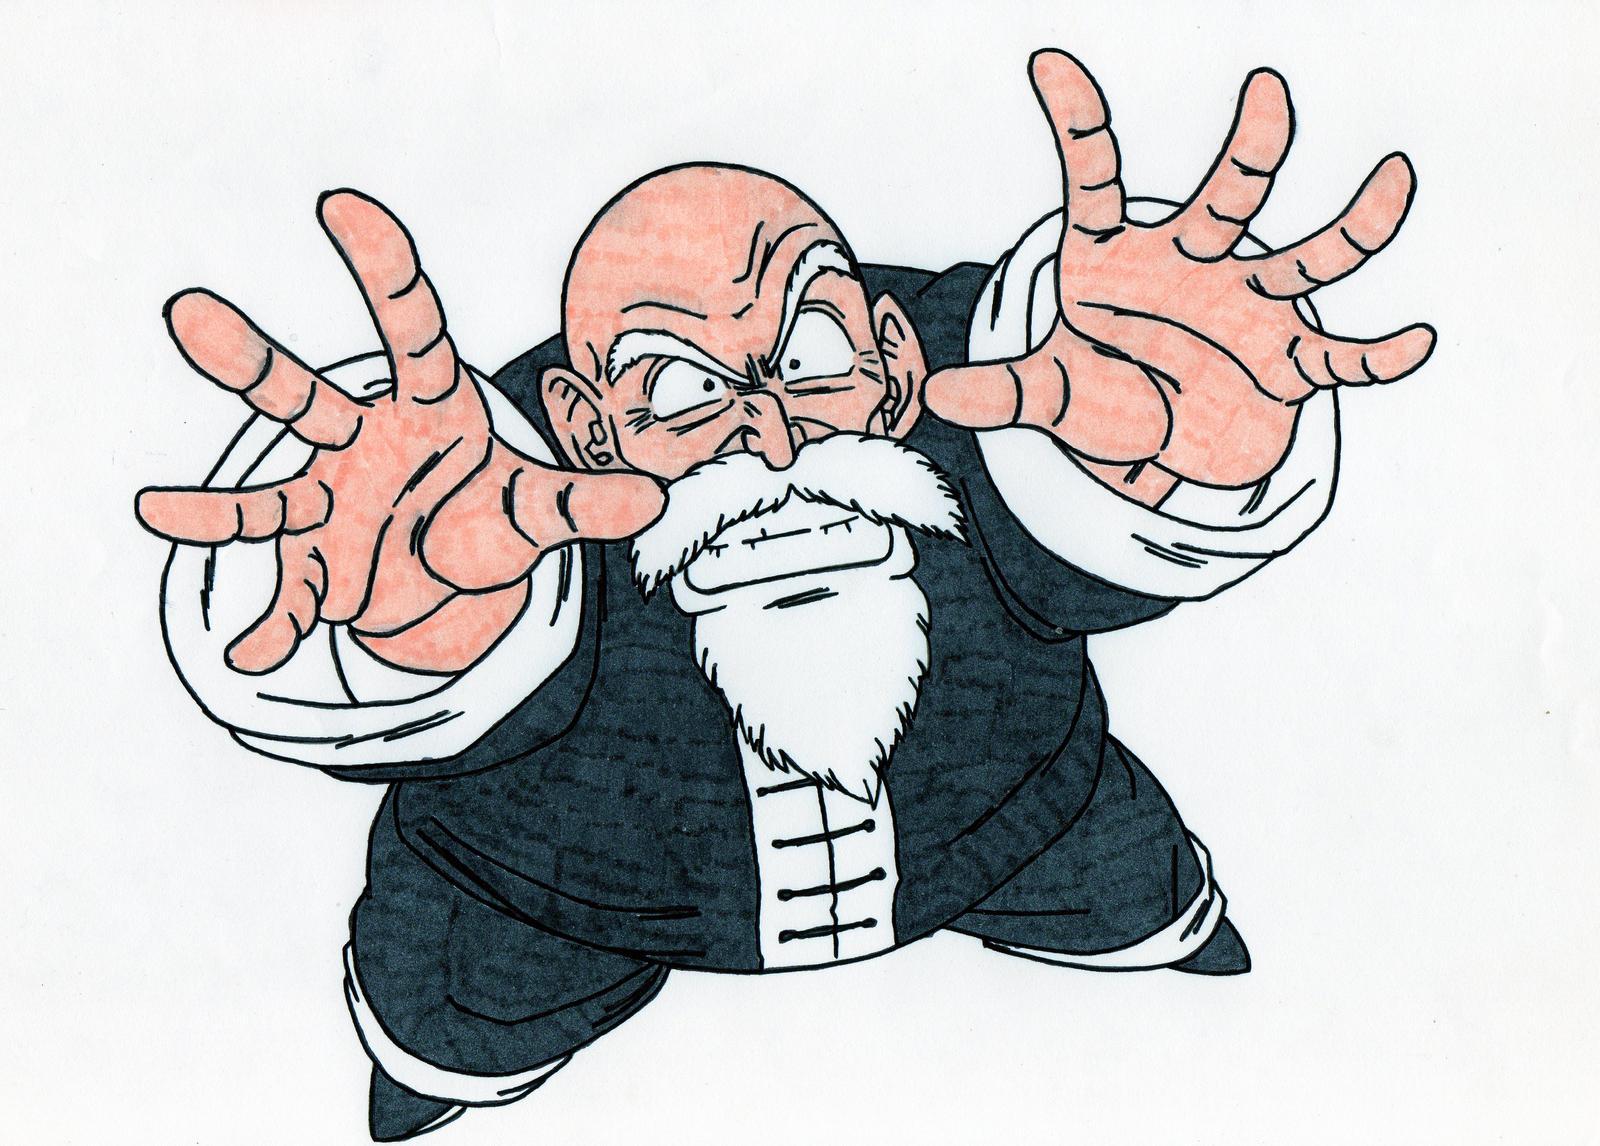 Goku vs maestro mutaito latino dating 3